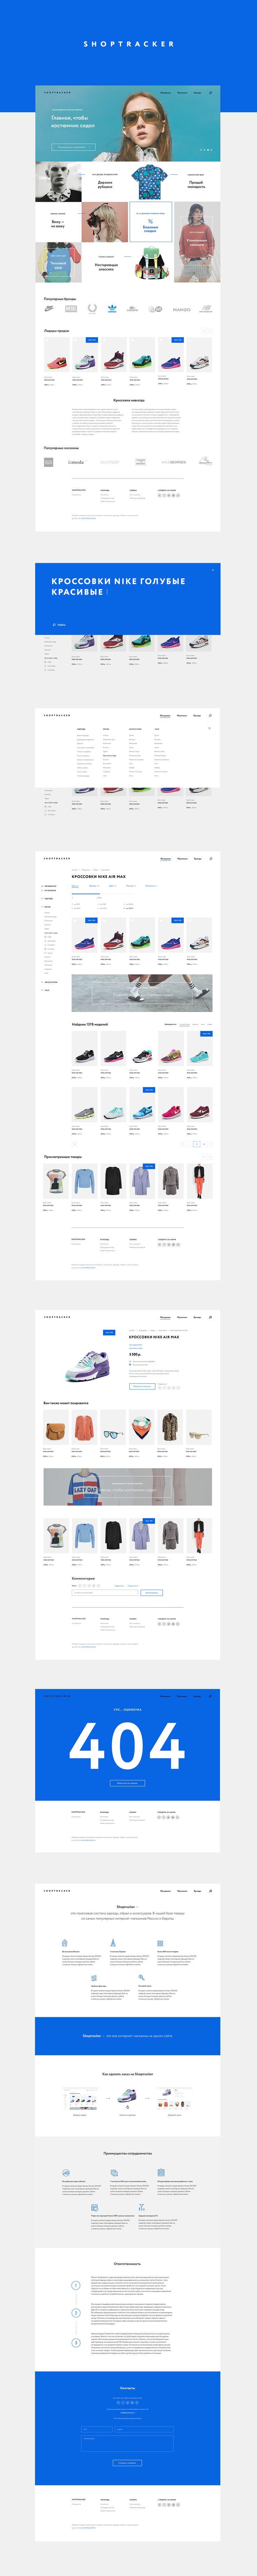 Shoptracker on Behance